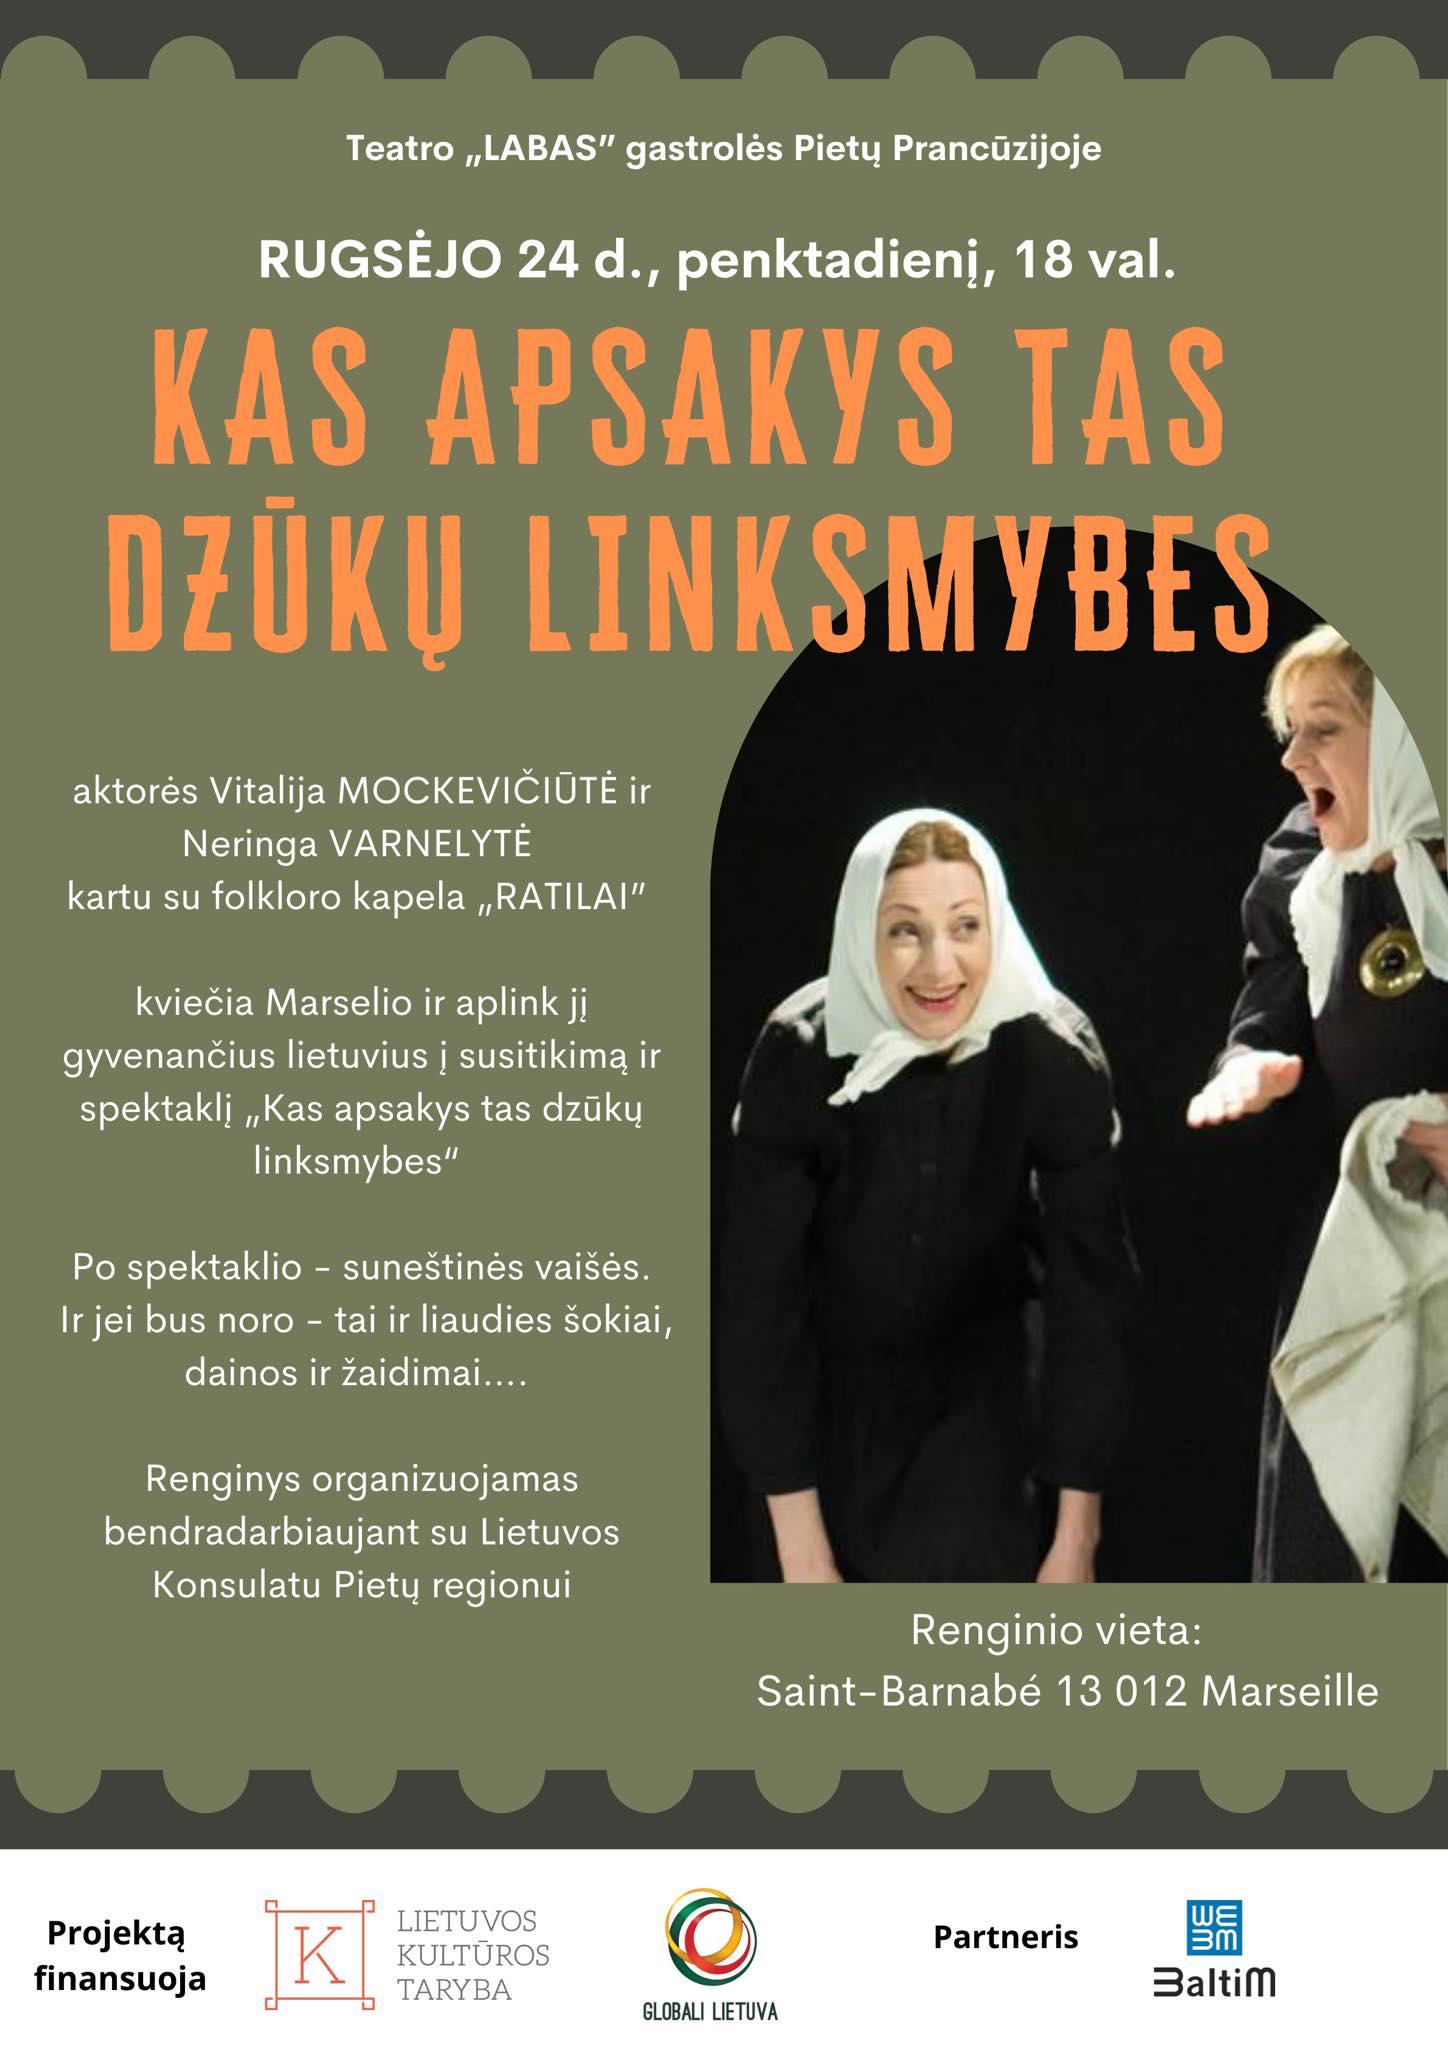 """Rugsėjo 24 d. 18 val. Teatras """"Labas"""" kviečia Marselio ir aplink jį gyvenančius lietuvius į susitikimą ir spektaklį """"KAS APSAKYS TAS DZŪKŲ LINKSMYBES"""""""